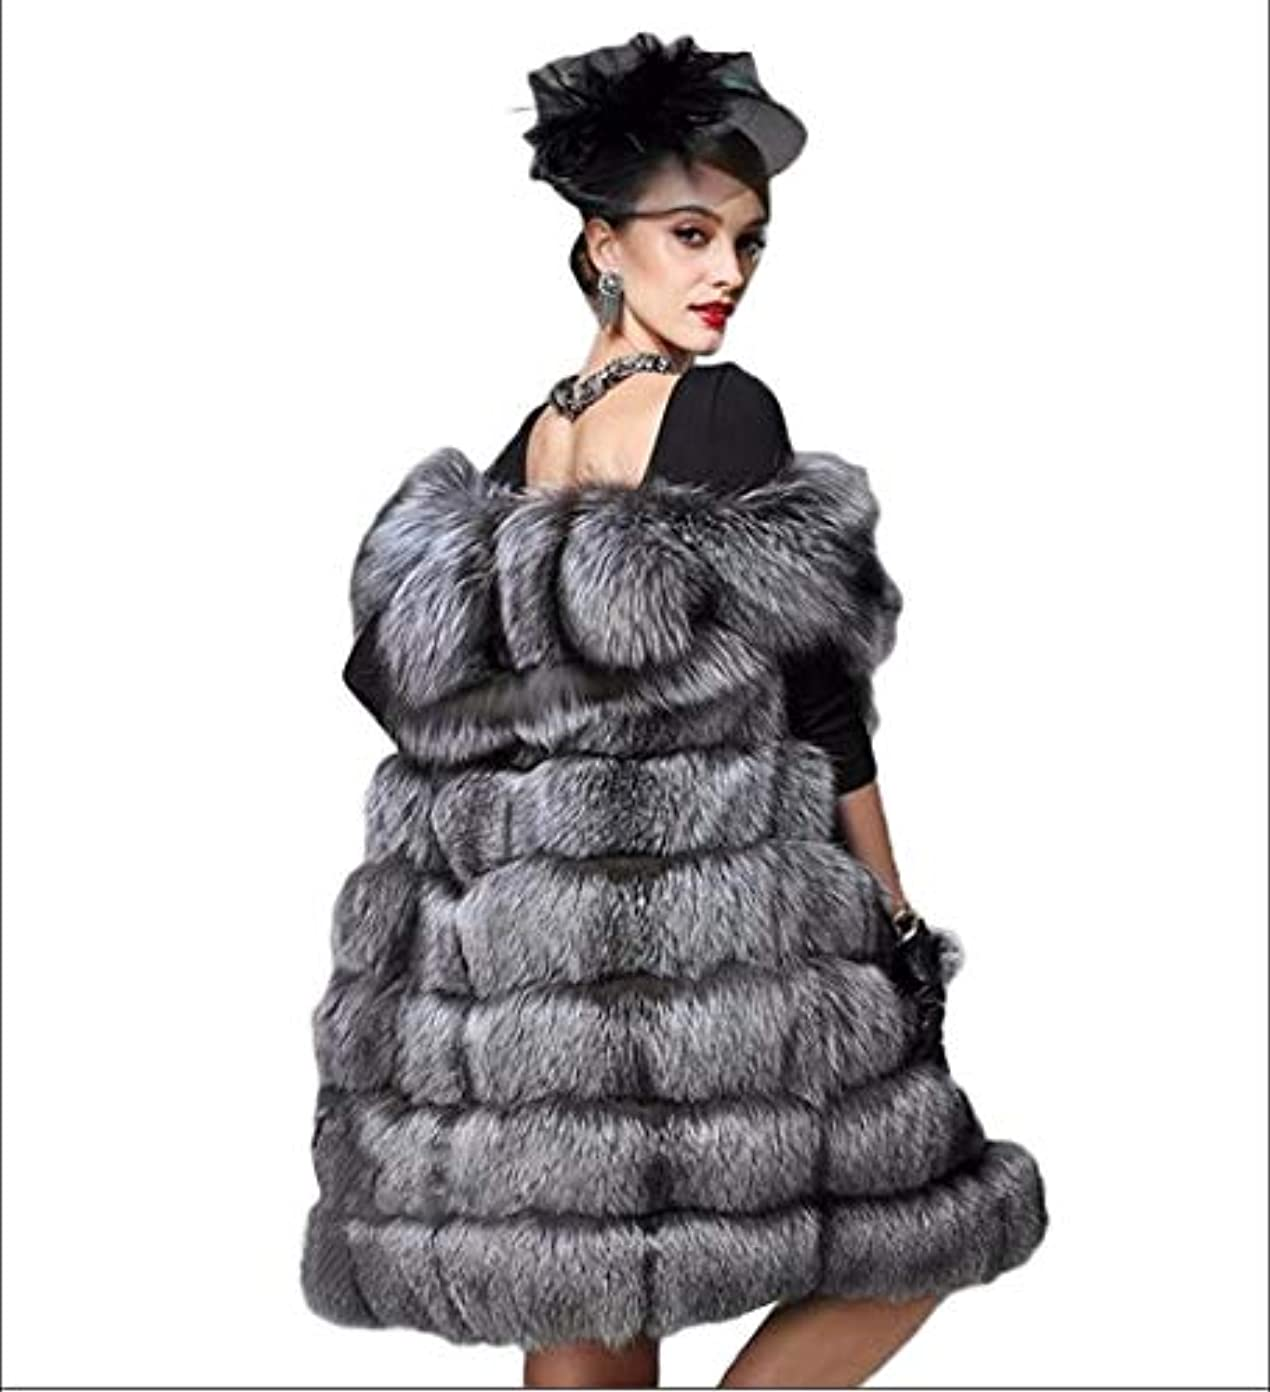 キリン考え宙返り女性のフェイクファーベストベストフェイクファーウォーム暖かいふわふわの高級アウターウェア秋ファッションスタイルロングスリーブステッチGilet,M